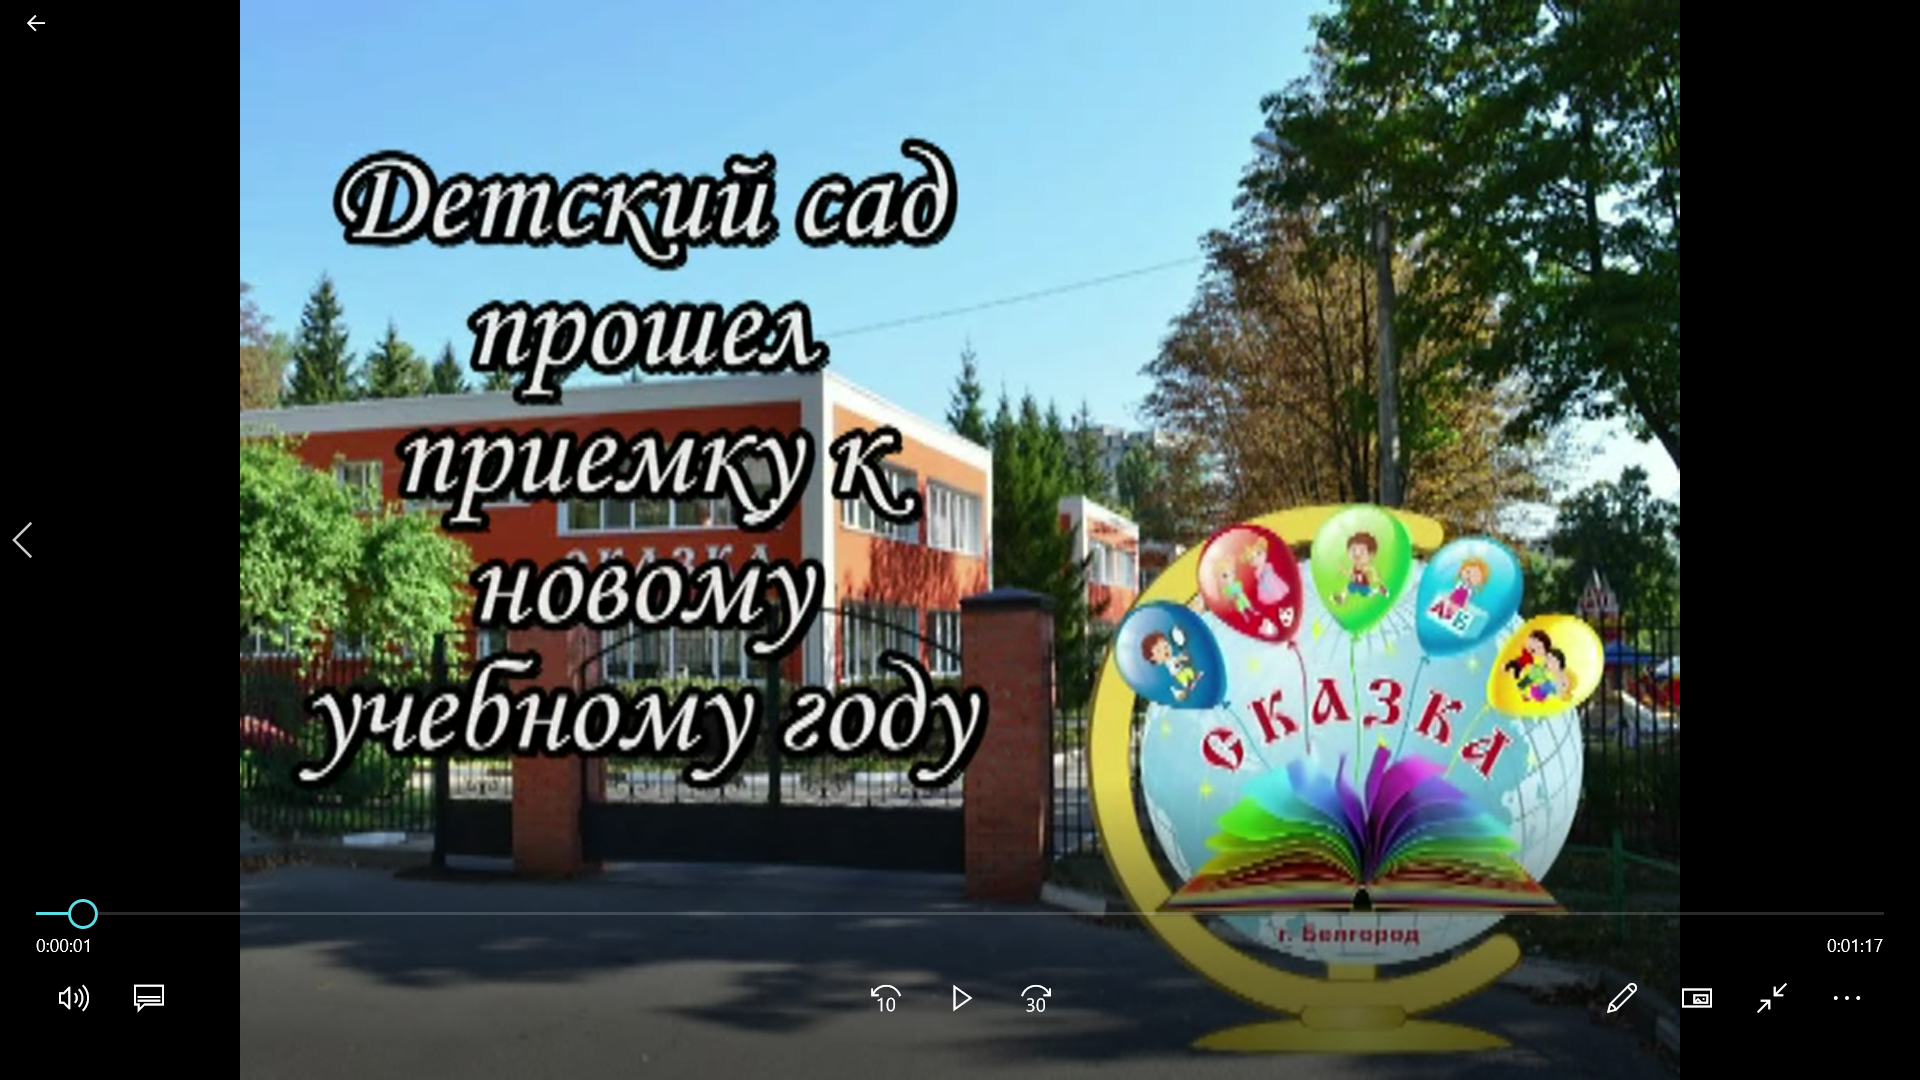 изображение_2021-08-11_223607